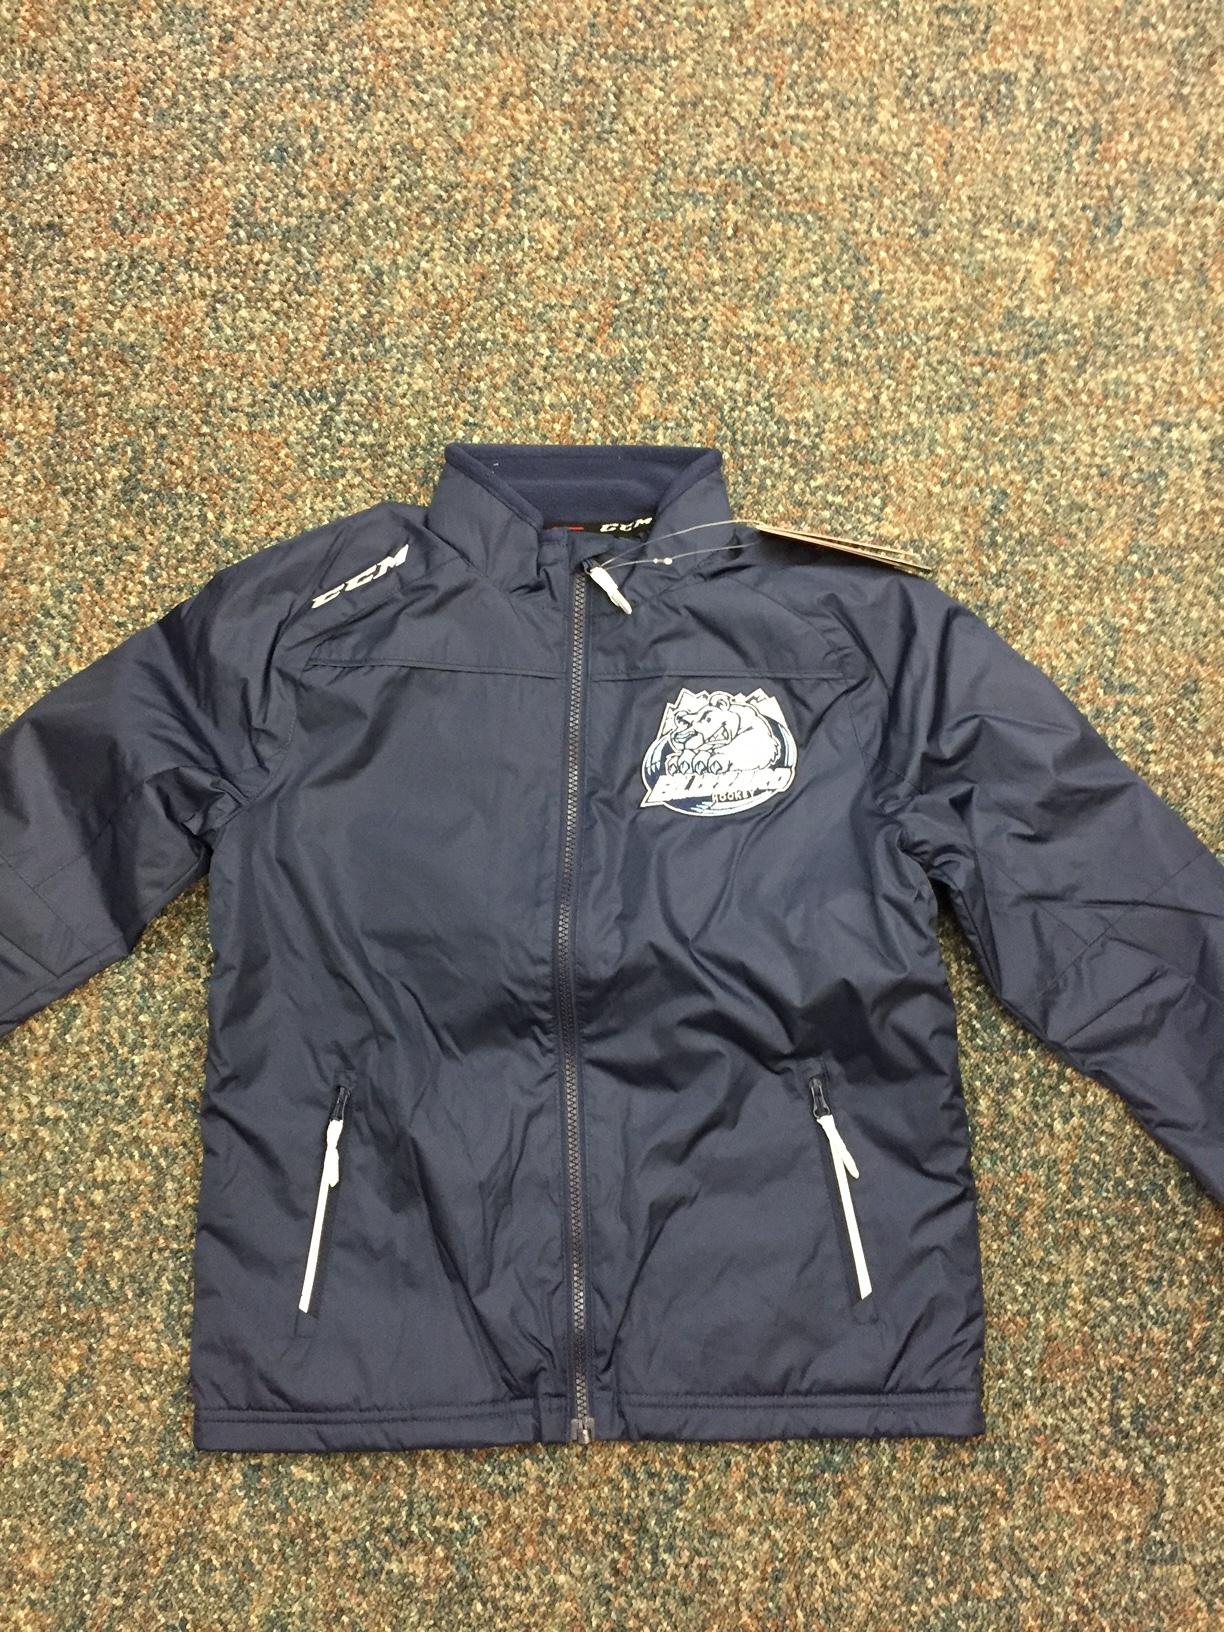 https://0901.nccdn.net/4_2/000/000/03f/ac7/CCM-jackets-1224x1632.jpg